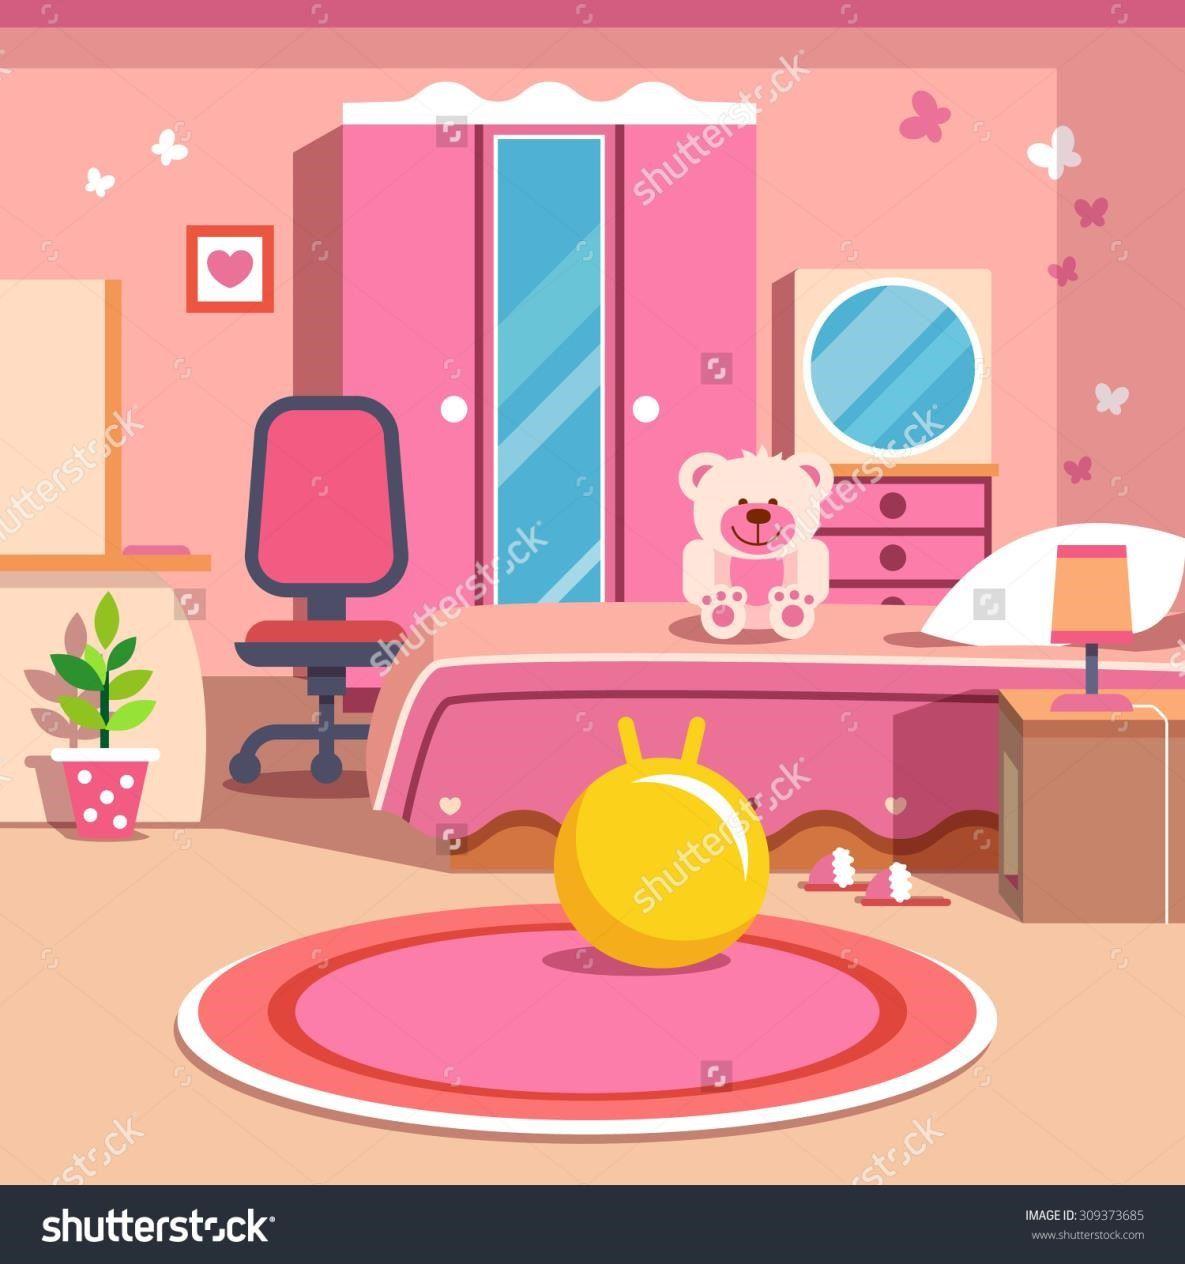 Bedroom bedrom